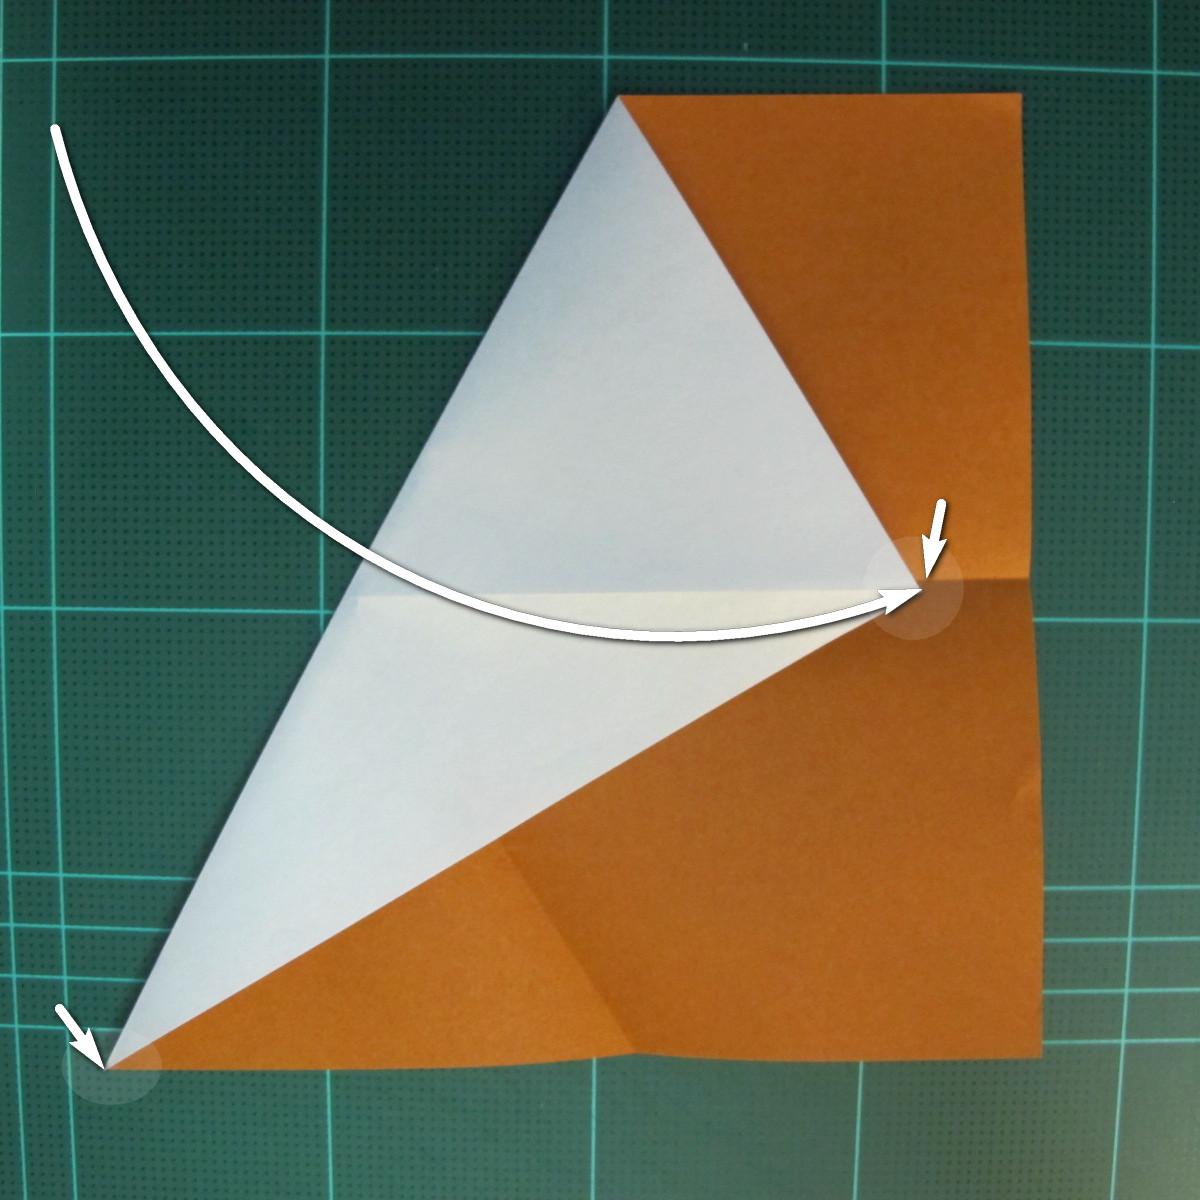 วิธีการพับกระดาษเป็นรูปกบ (แบบโคลัมเบี้ยน) (Origami Frog) 006